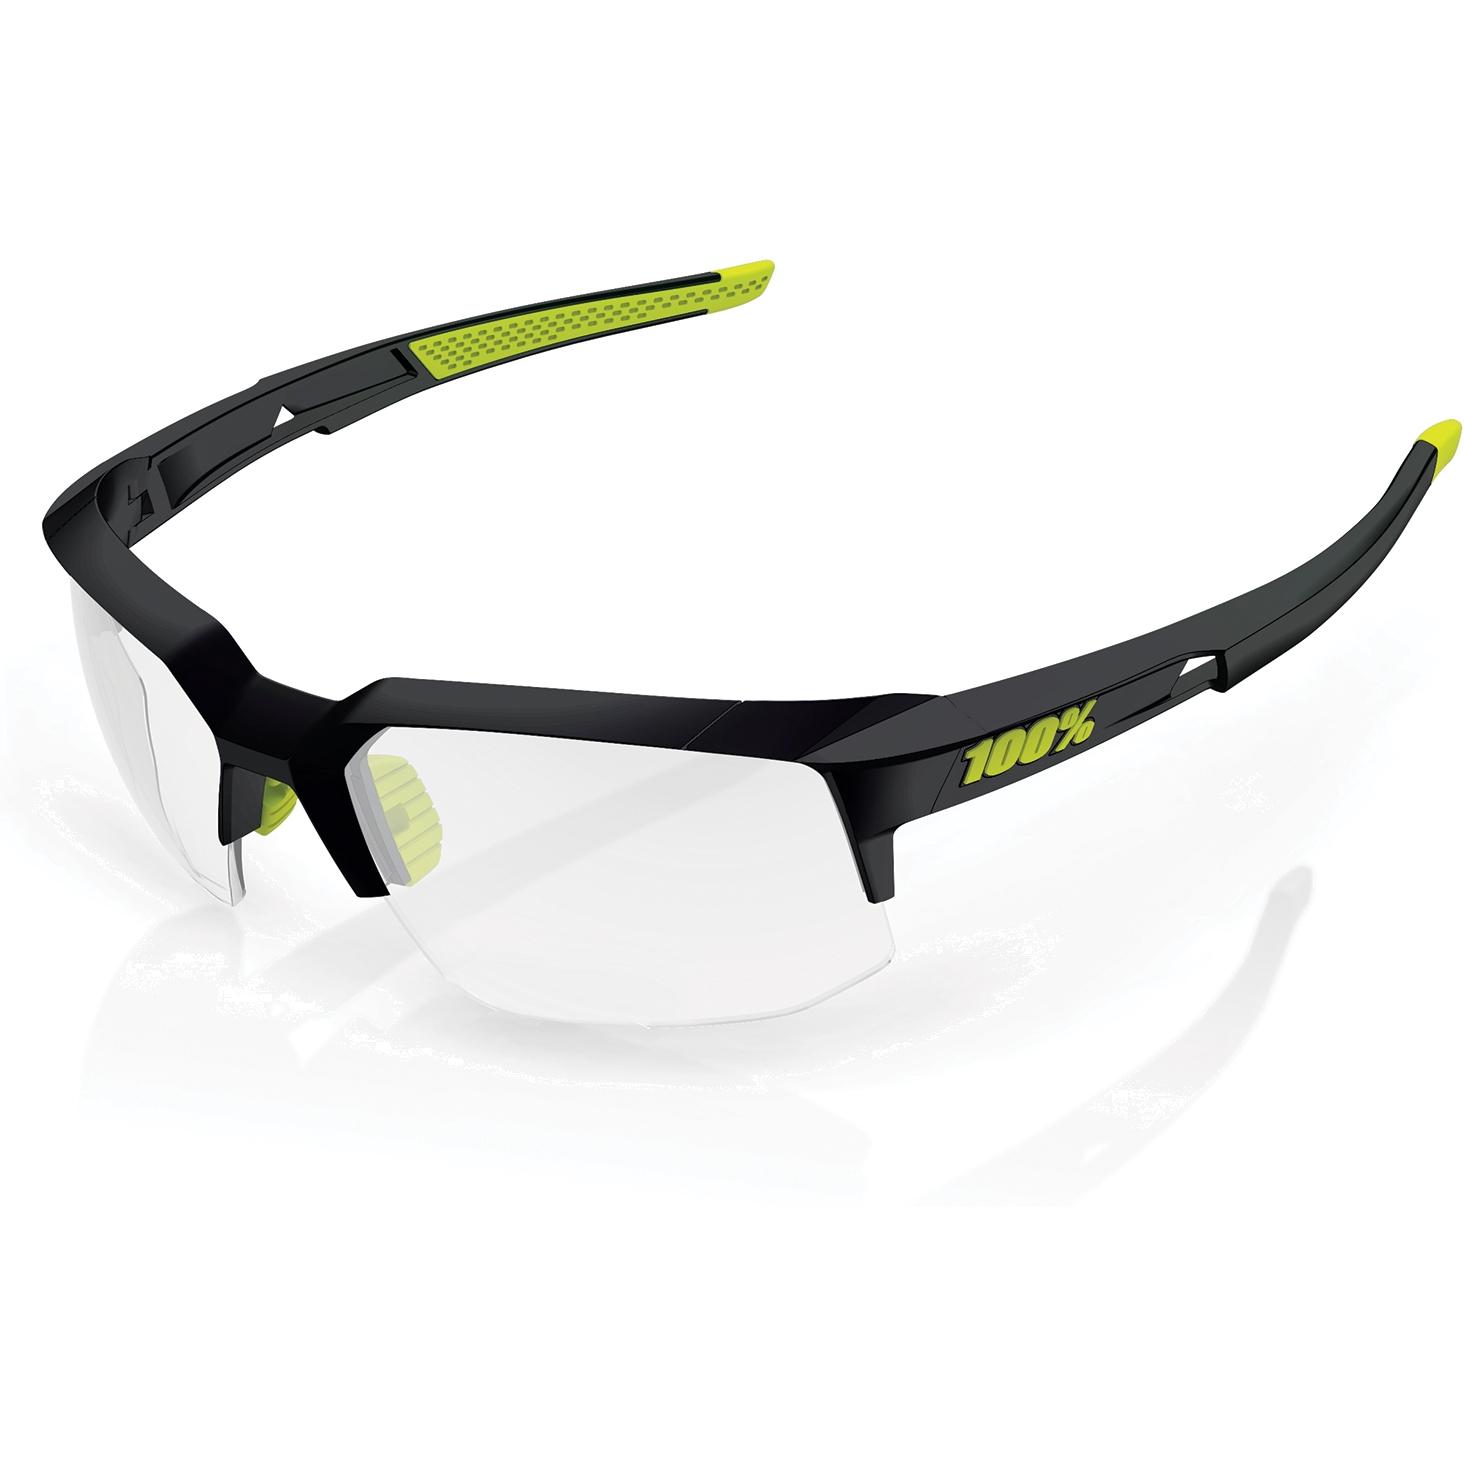 100% Speedcoupe Photochromic Lens Gafas - gloss black